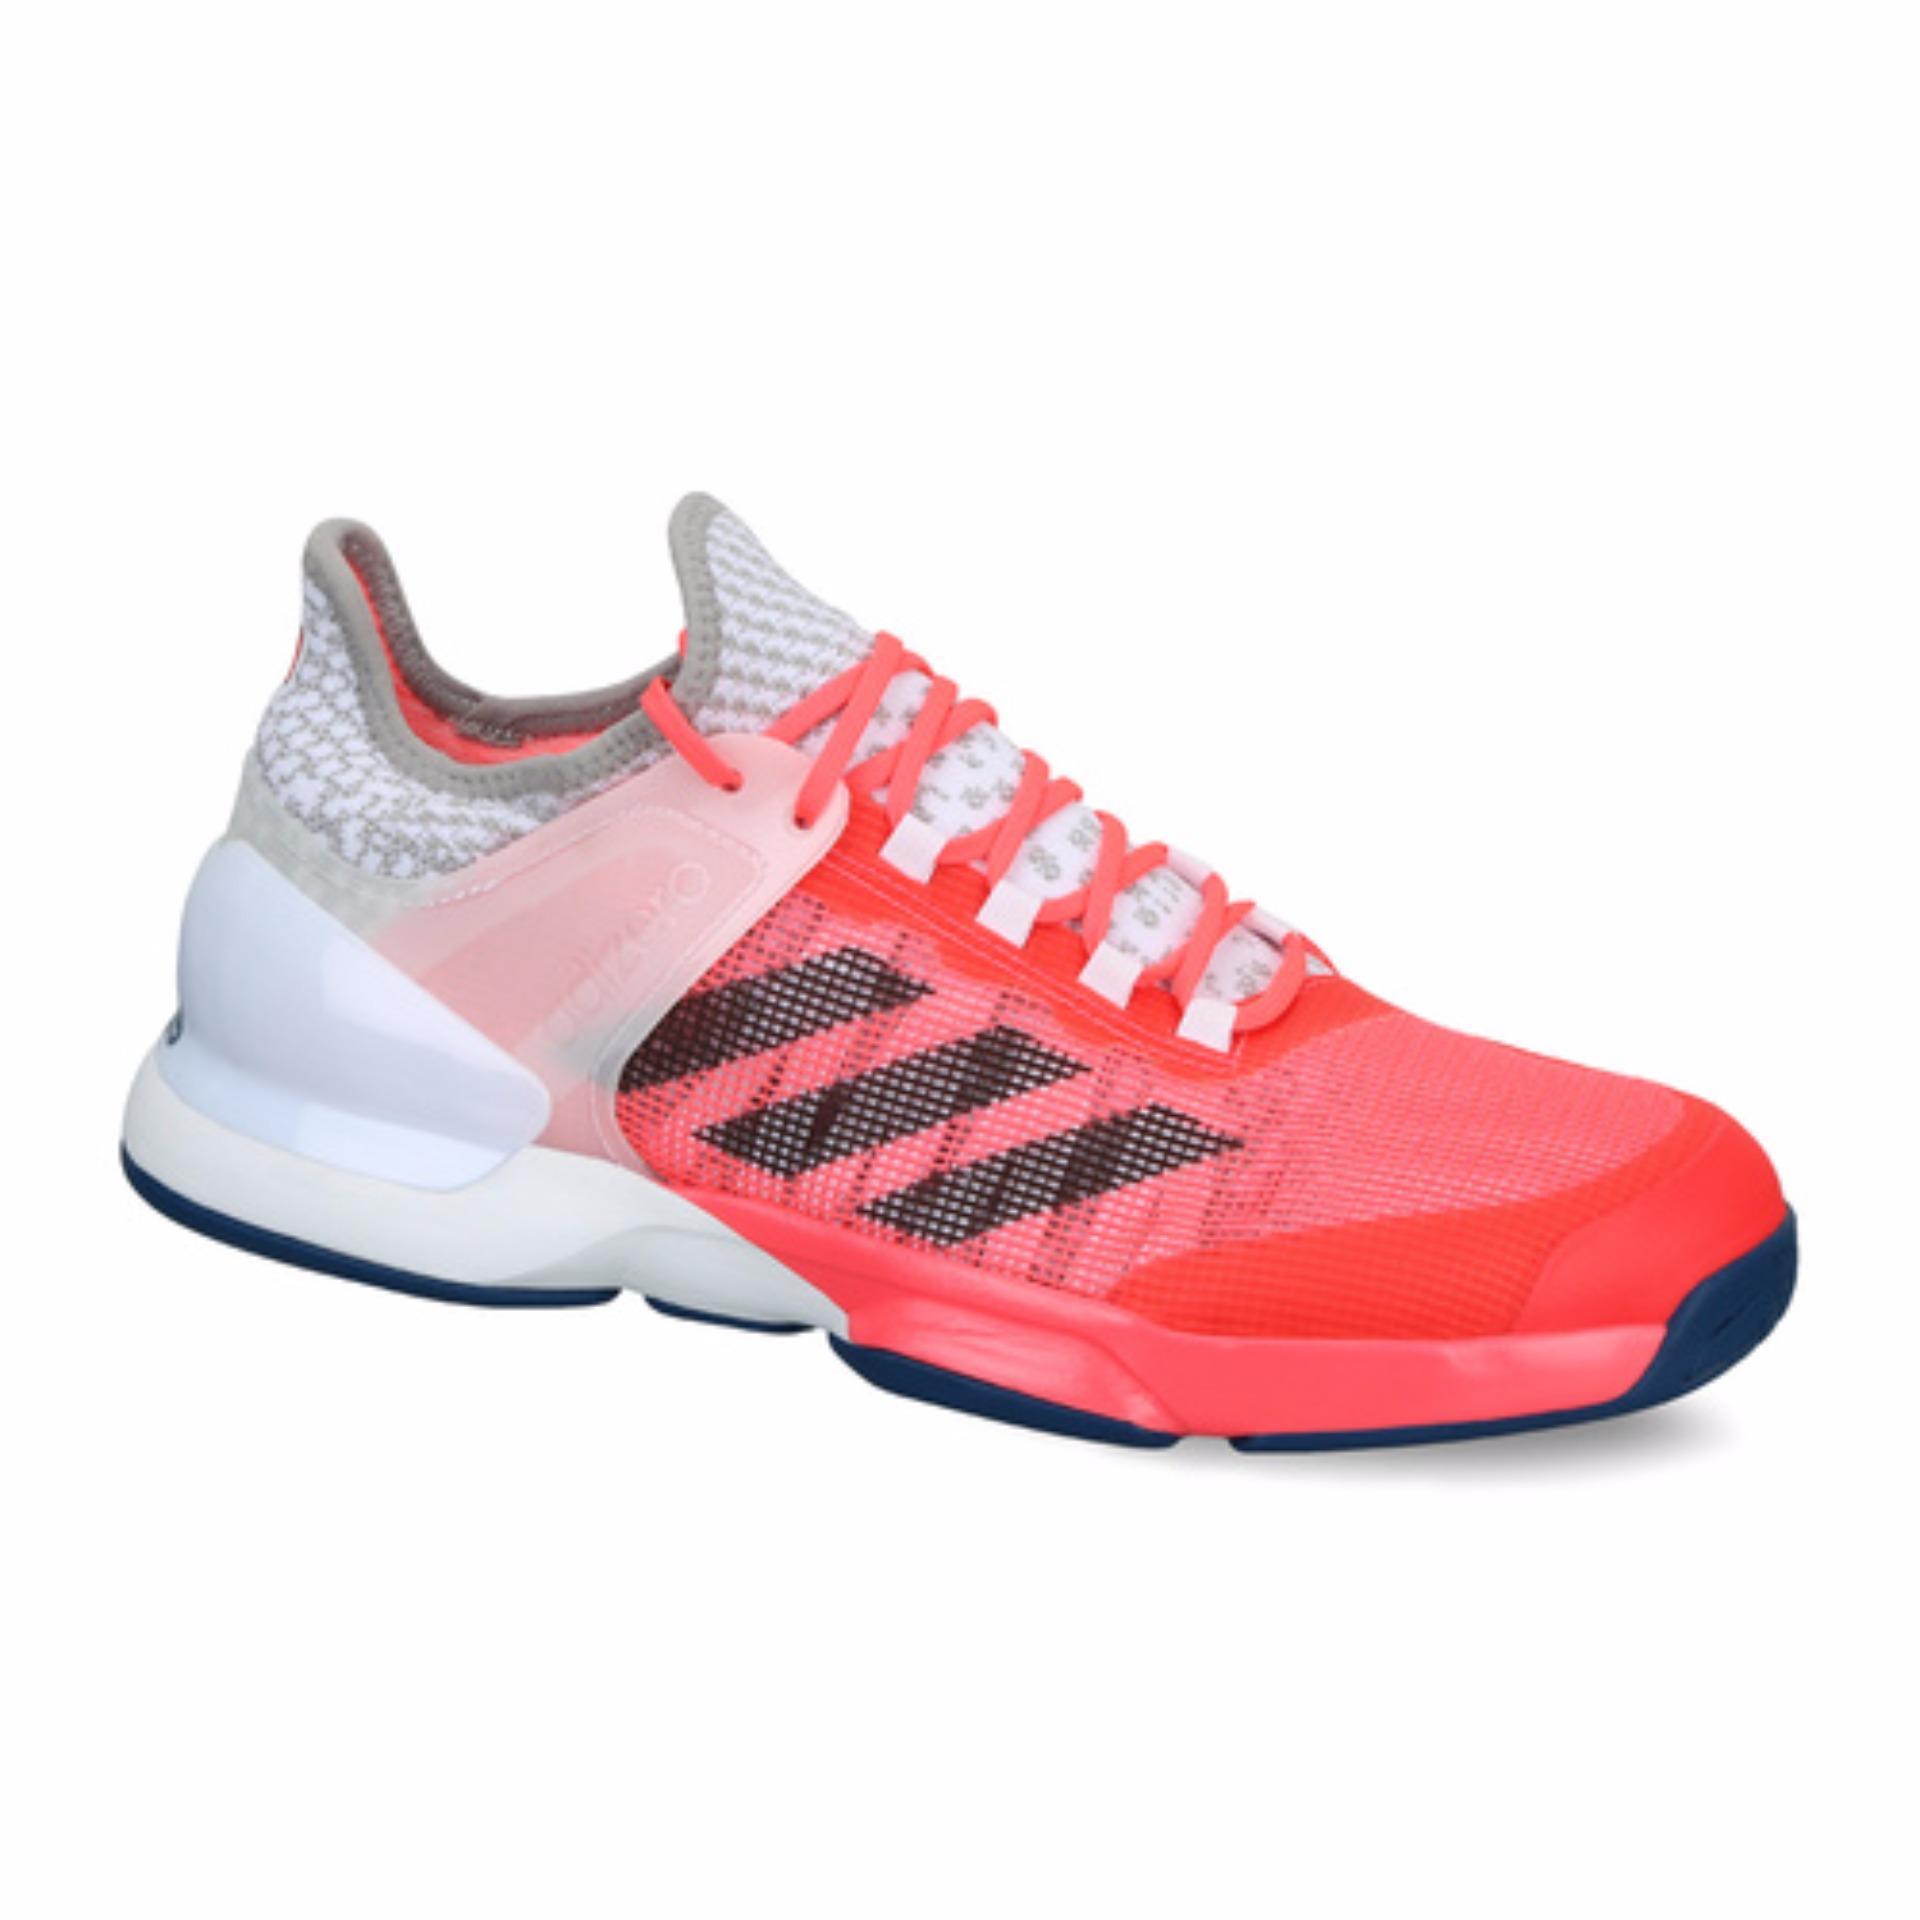 Adidas Adizero Attack Sepatu Tennis Ba9083 Hitam - Daftar Harga ... 6a2df4f33b